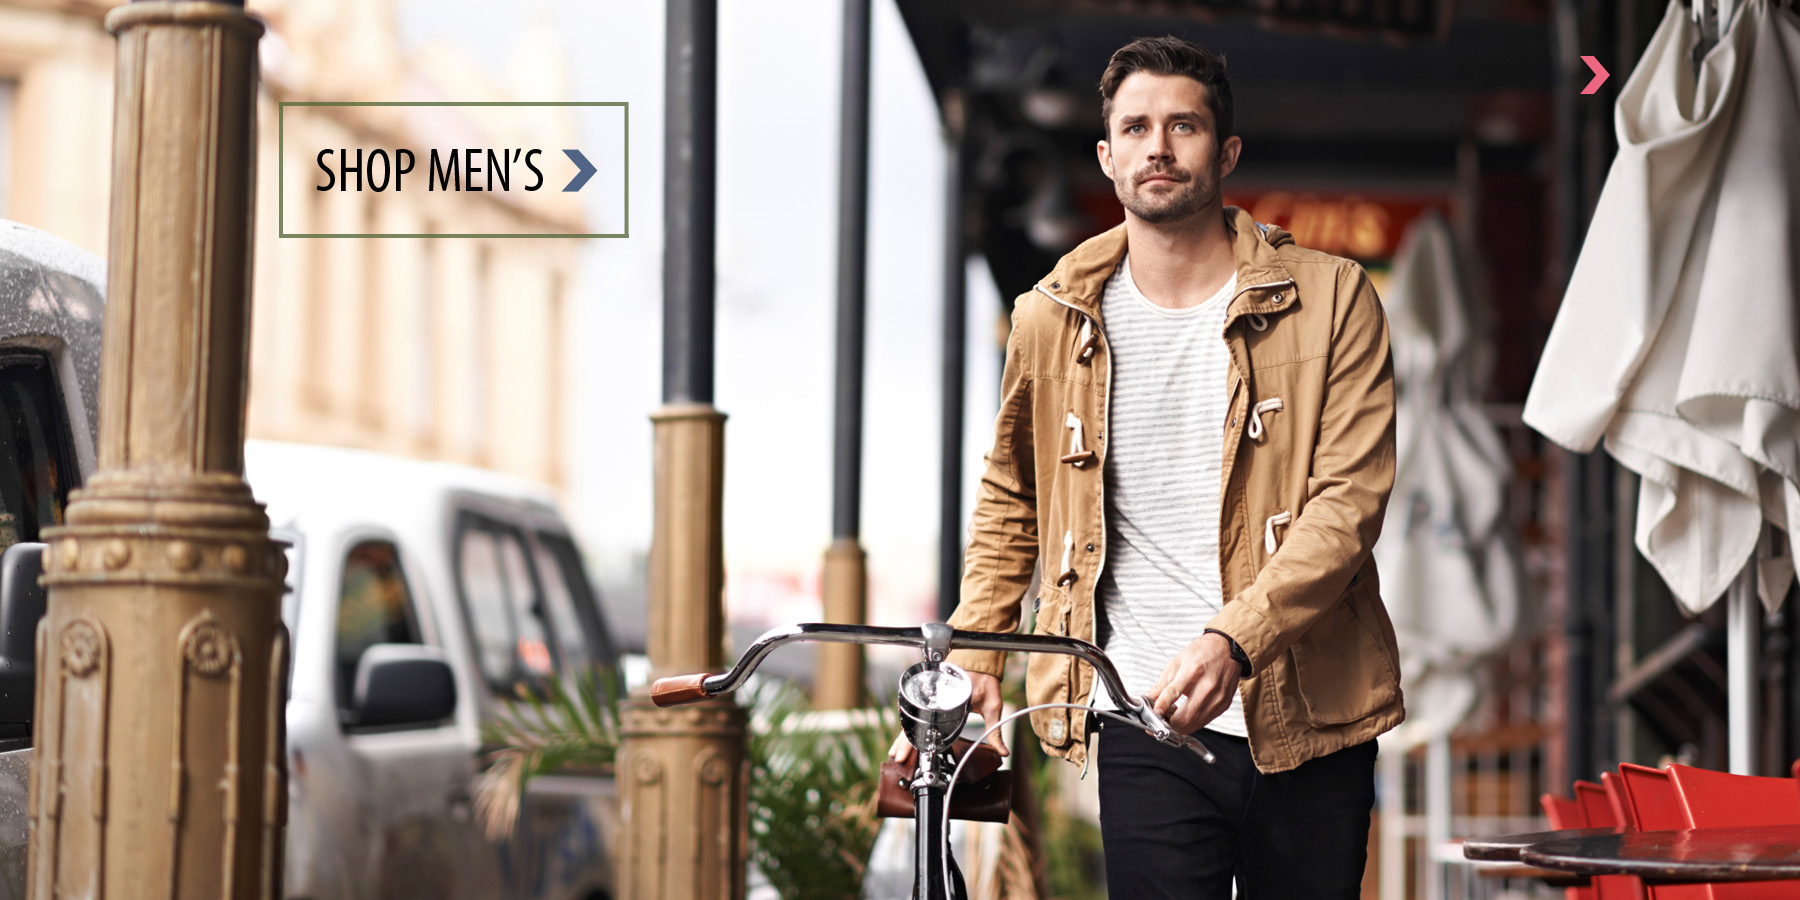 Shop Men's Fashion